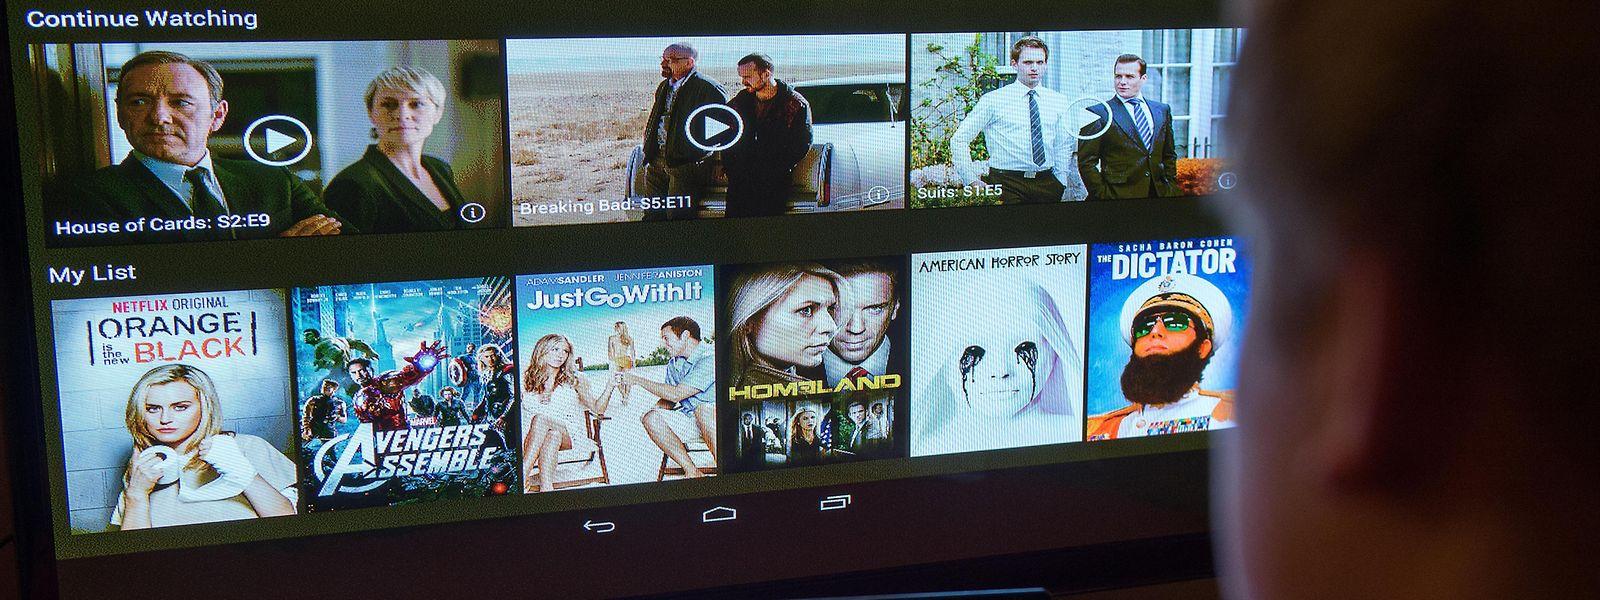 La consommation de vidéos booste le flux de données circulant sur le réseau internet luxembourgeois bien plus que les activités de bureau.